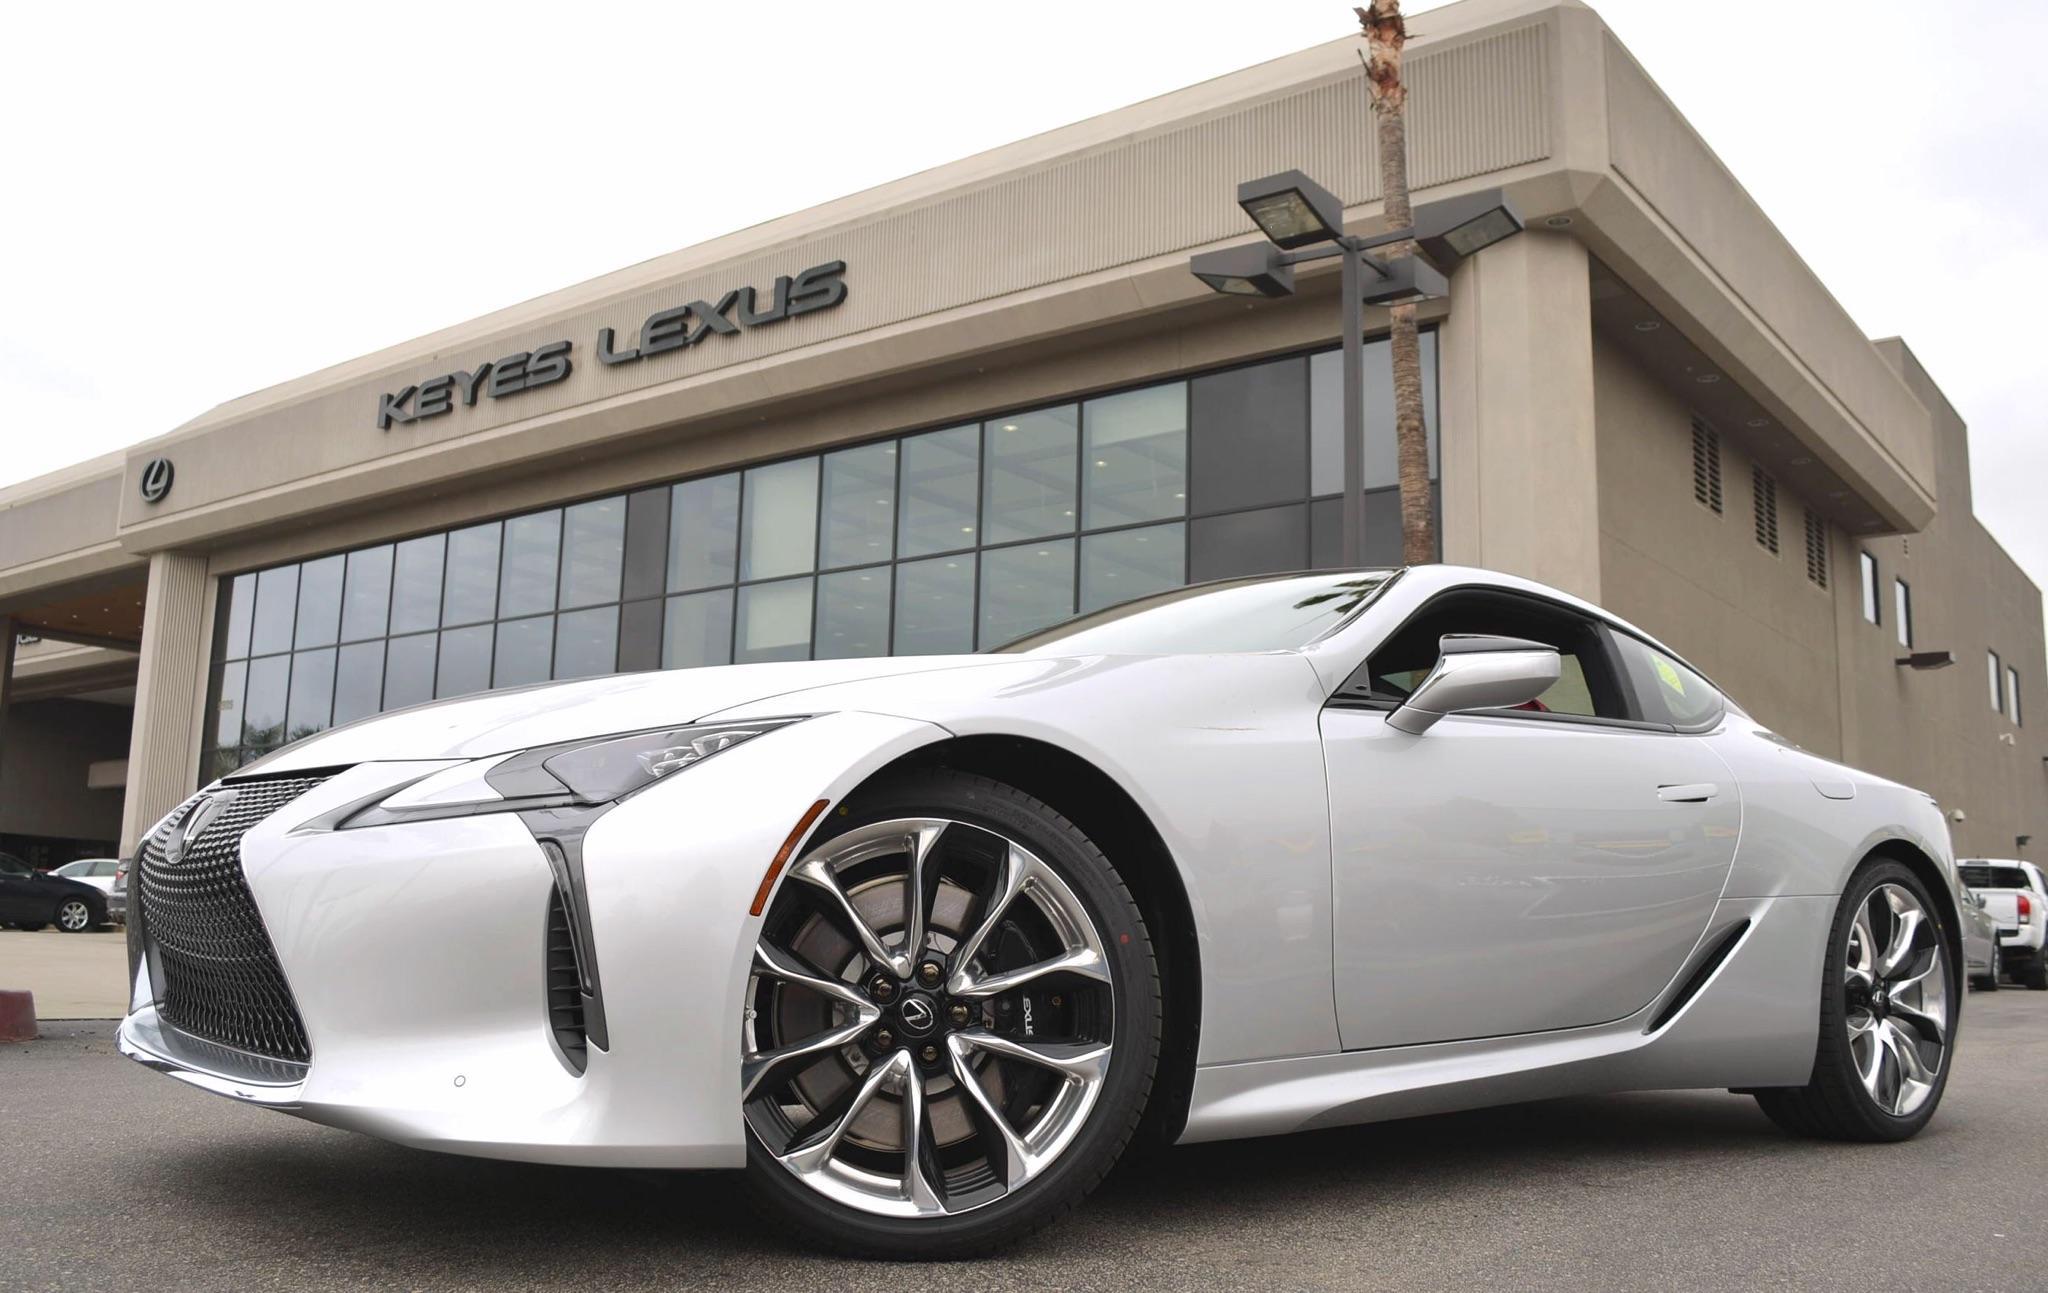 Los Angeles Lexus Service Coupons >> Keyes Lexus in Van Nuys, CA - (818) 538-2...